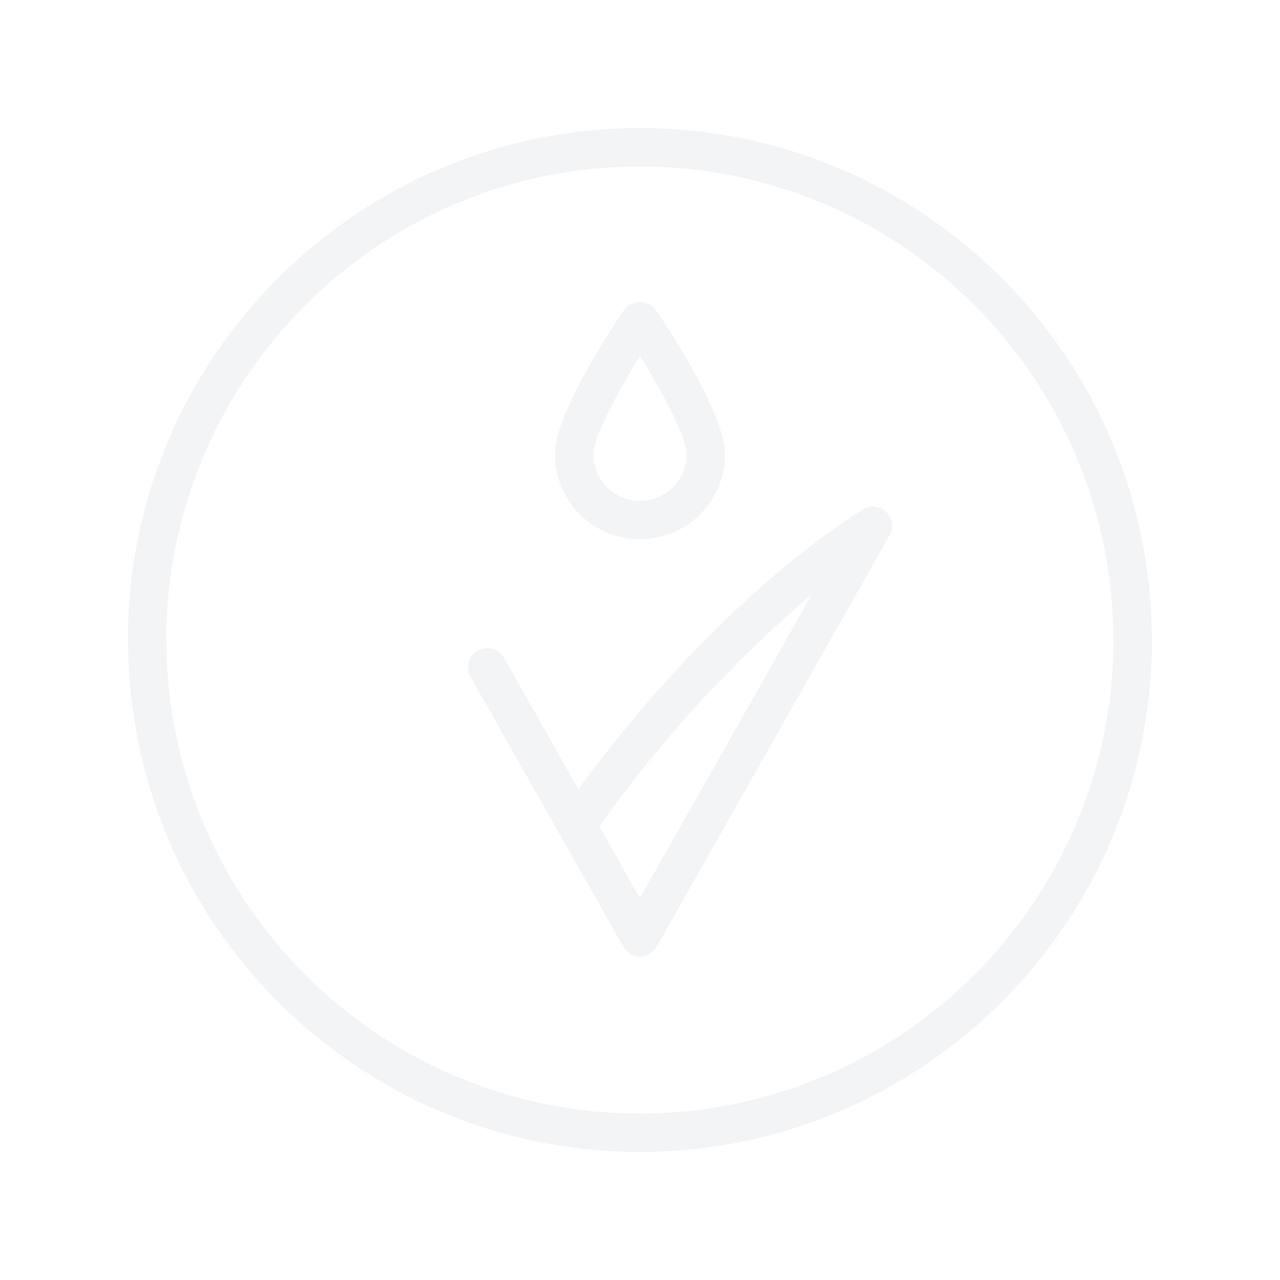 DECLEOR Prolagene Lift & Firm Day Cream (Dry Skin) 50ml